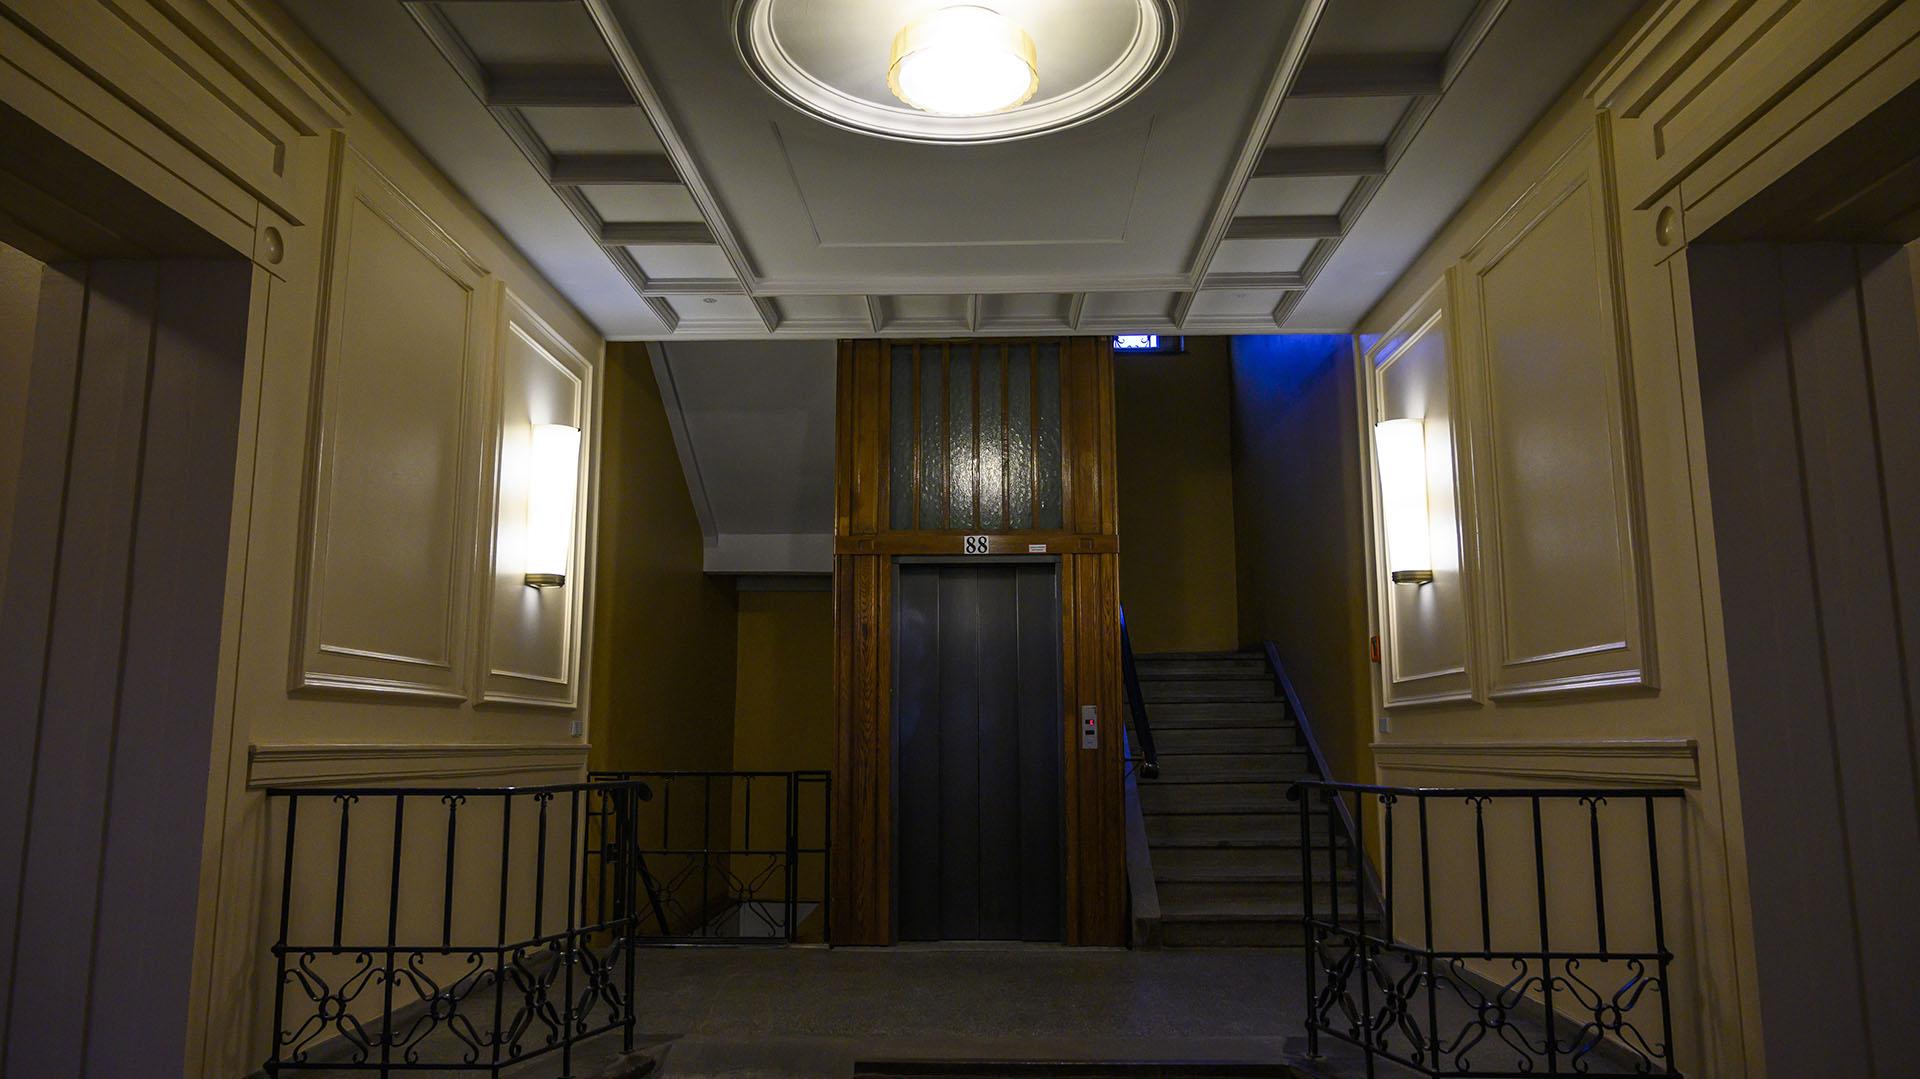 """Interior de una de las """"Construcciones Stalin"""", con vista a la escalera y el elevador (John MACDOUGALL / AFP)"""